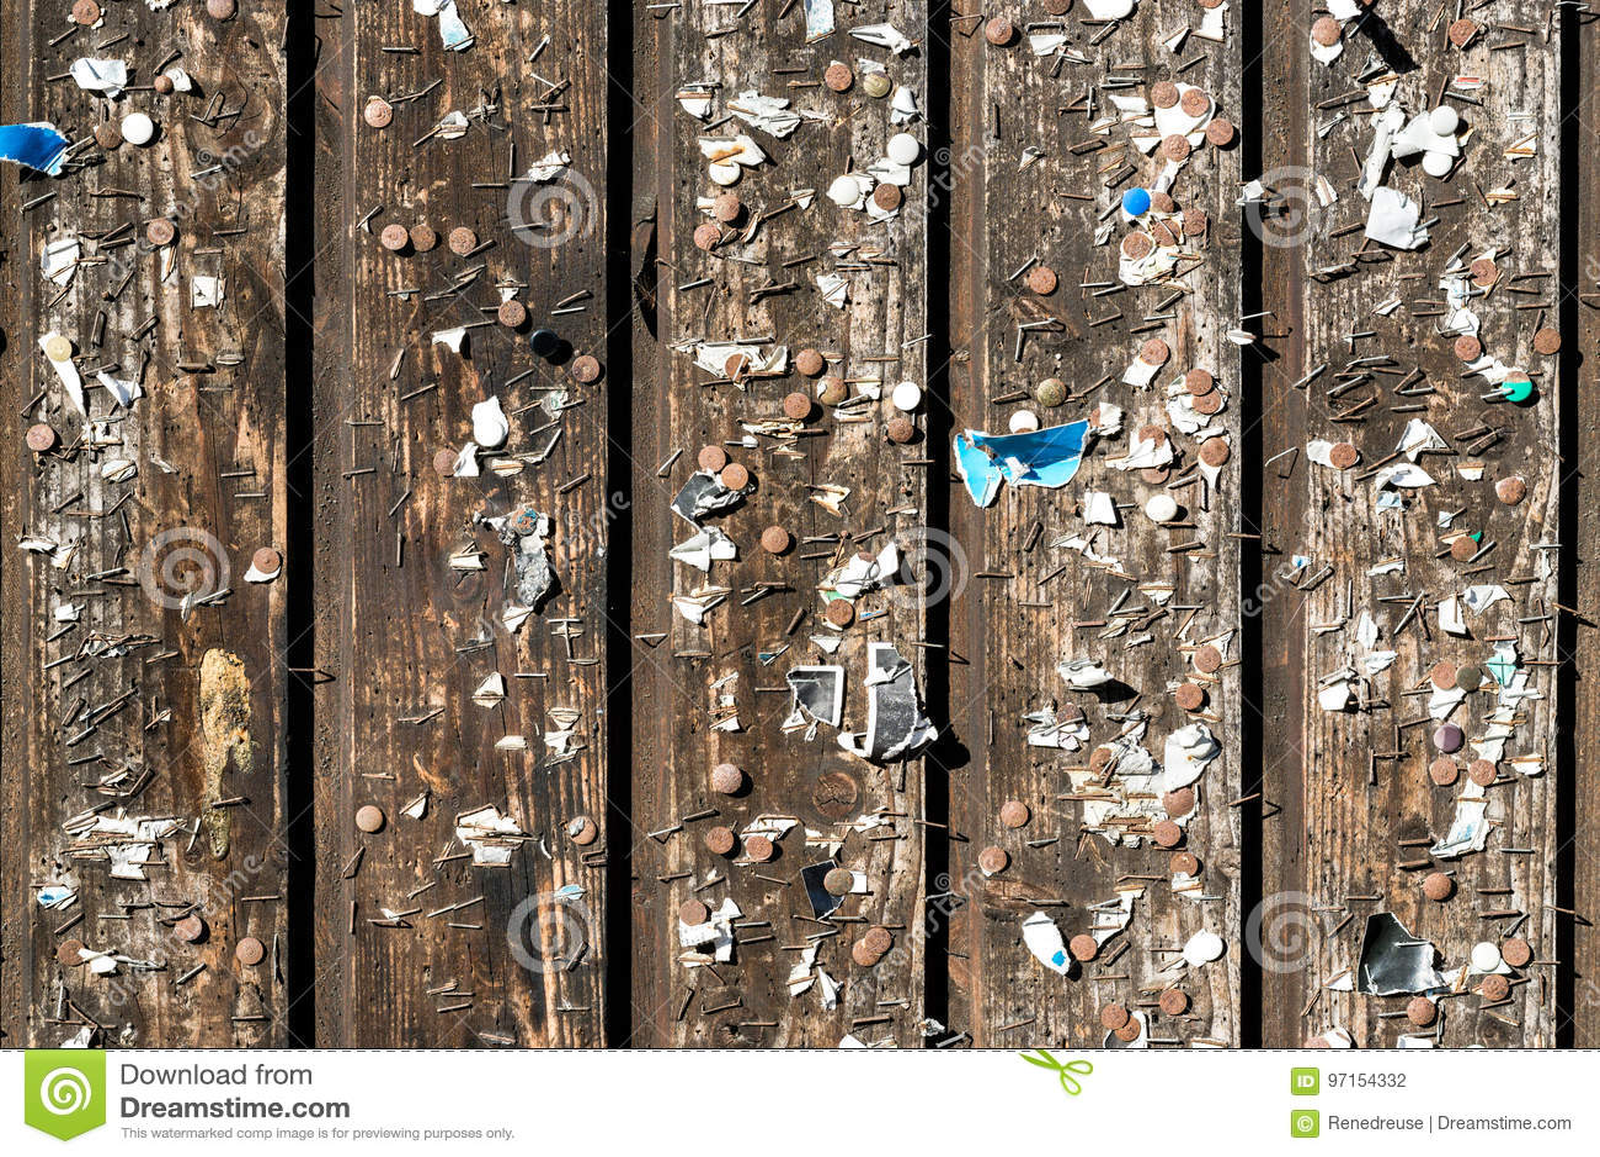 Mooie Houten Plank Voor Aan De Muur.Houten Muur Met Oude Spelden En Nietjes Uitstekend Prikbord Stock